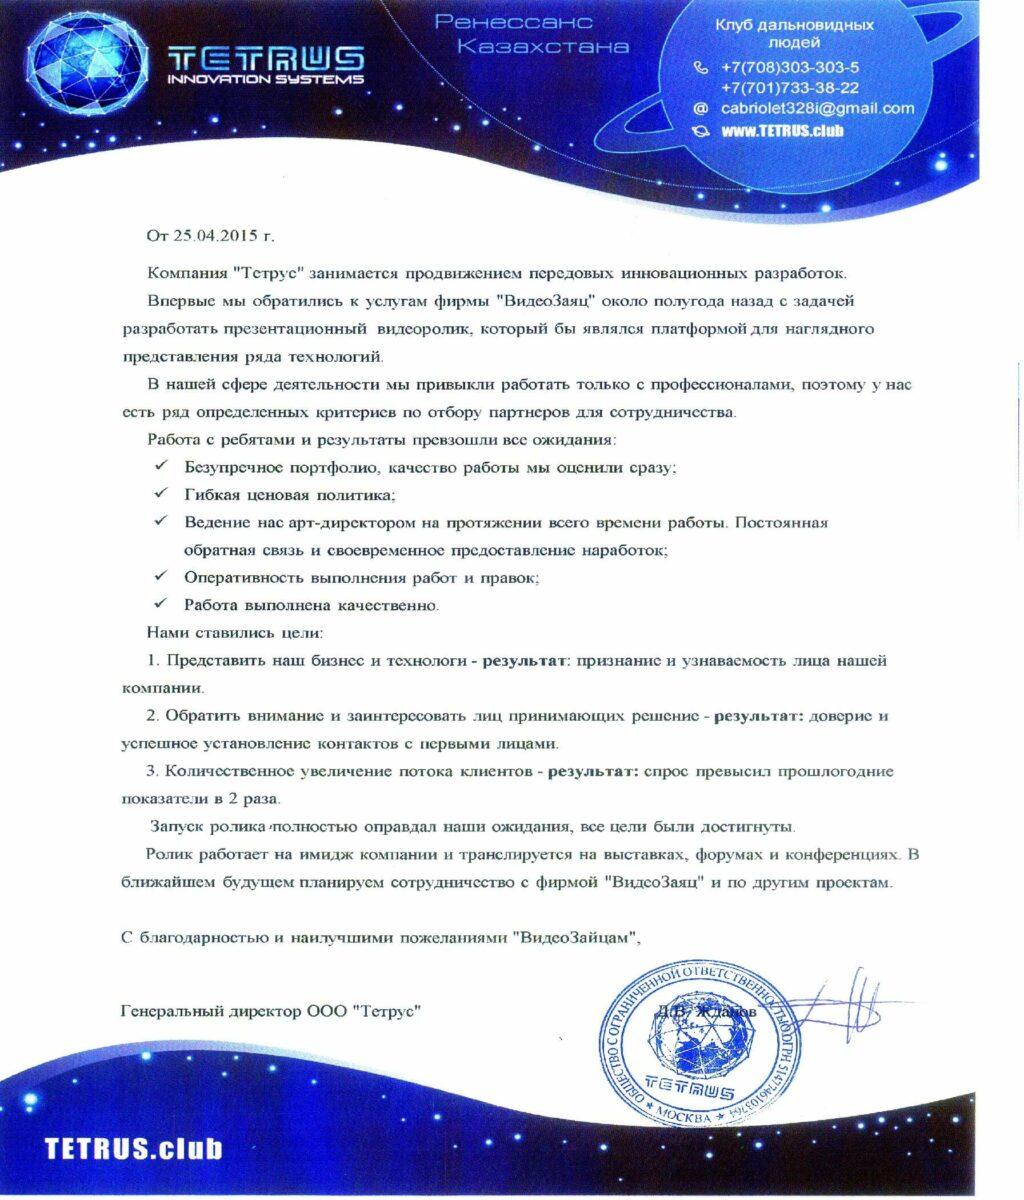 фициальный отзыв генерального директора Дмитрия Владимировича Жданова